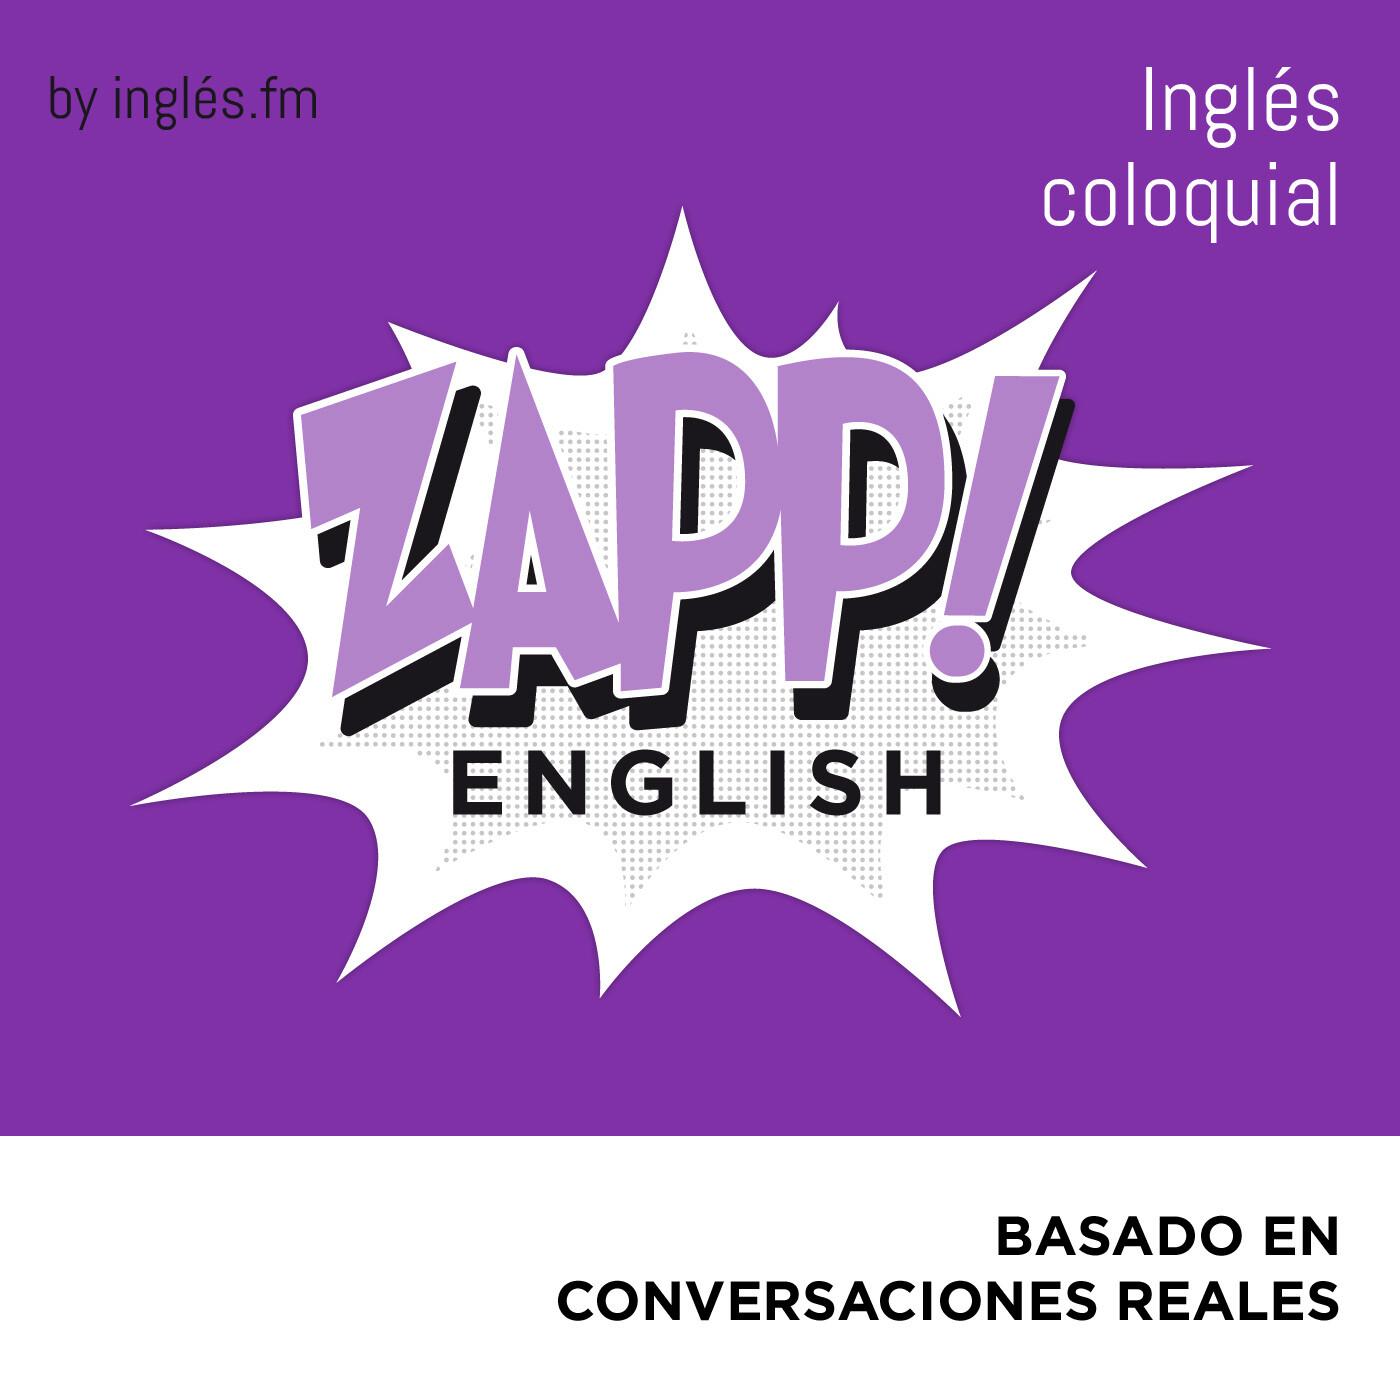 La Vida en la Ciudad - Zapp Ingles Coloquial 2.6